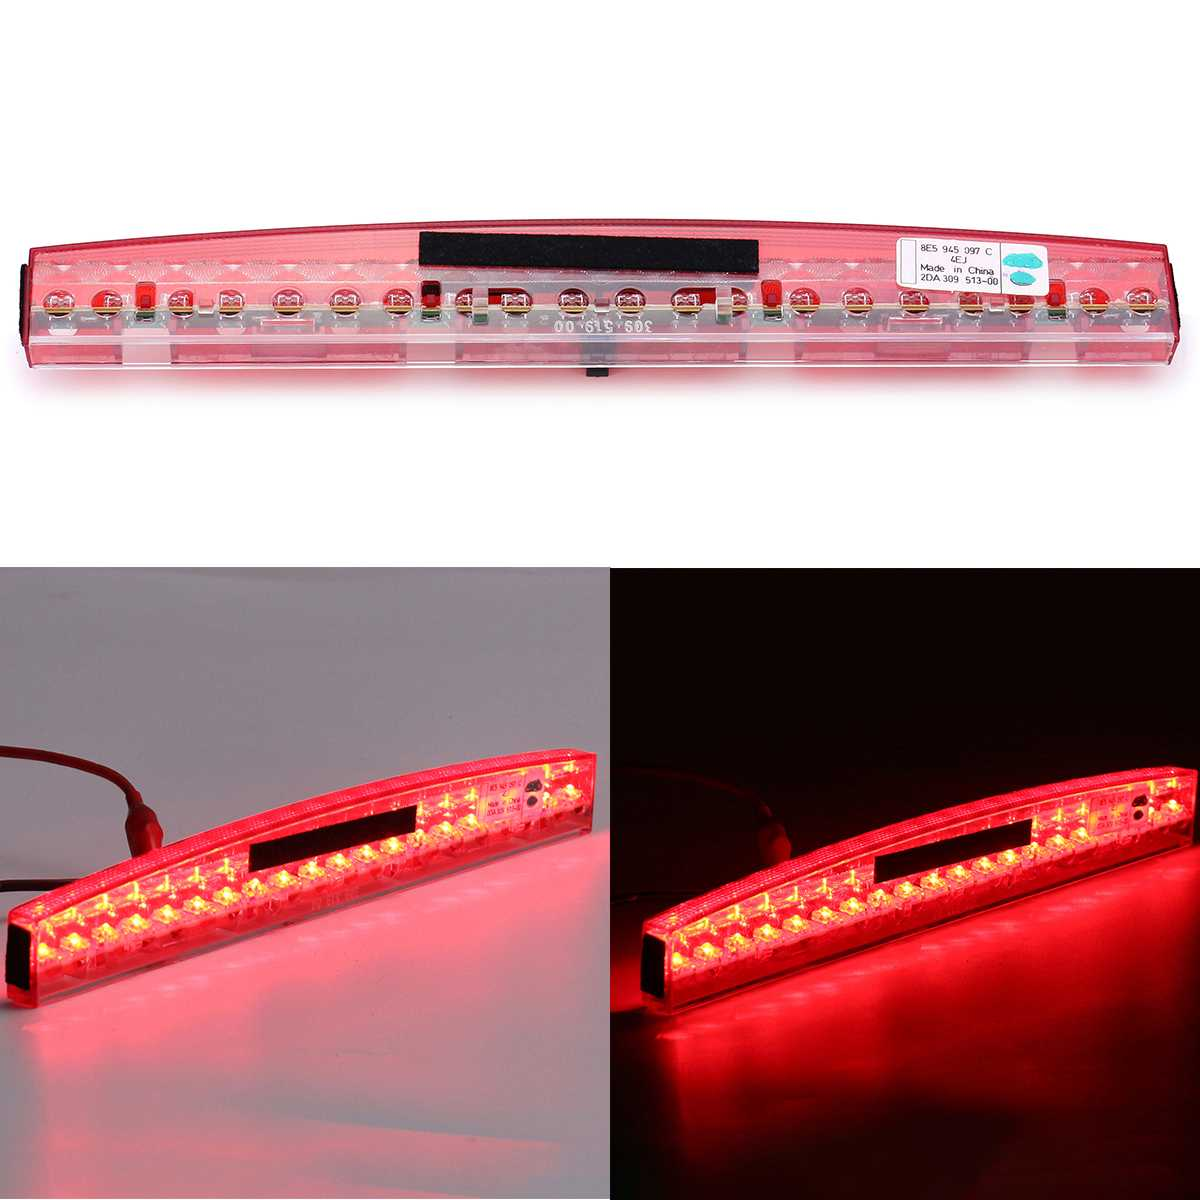 Duradera Luz de montaje alto para coche tercera luz de freno Led roja luz de freno trasera central de plástico para AUDI A4 RS4 S4 B6 B7 2002-2008